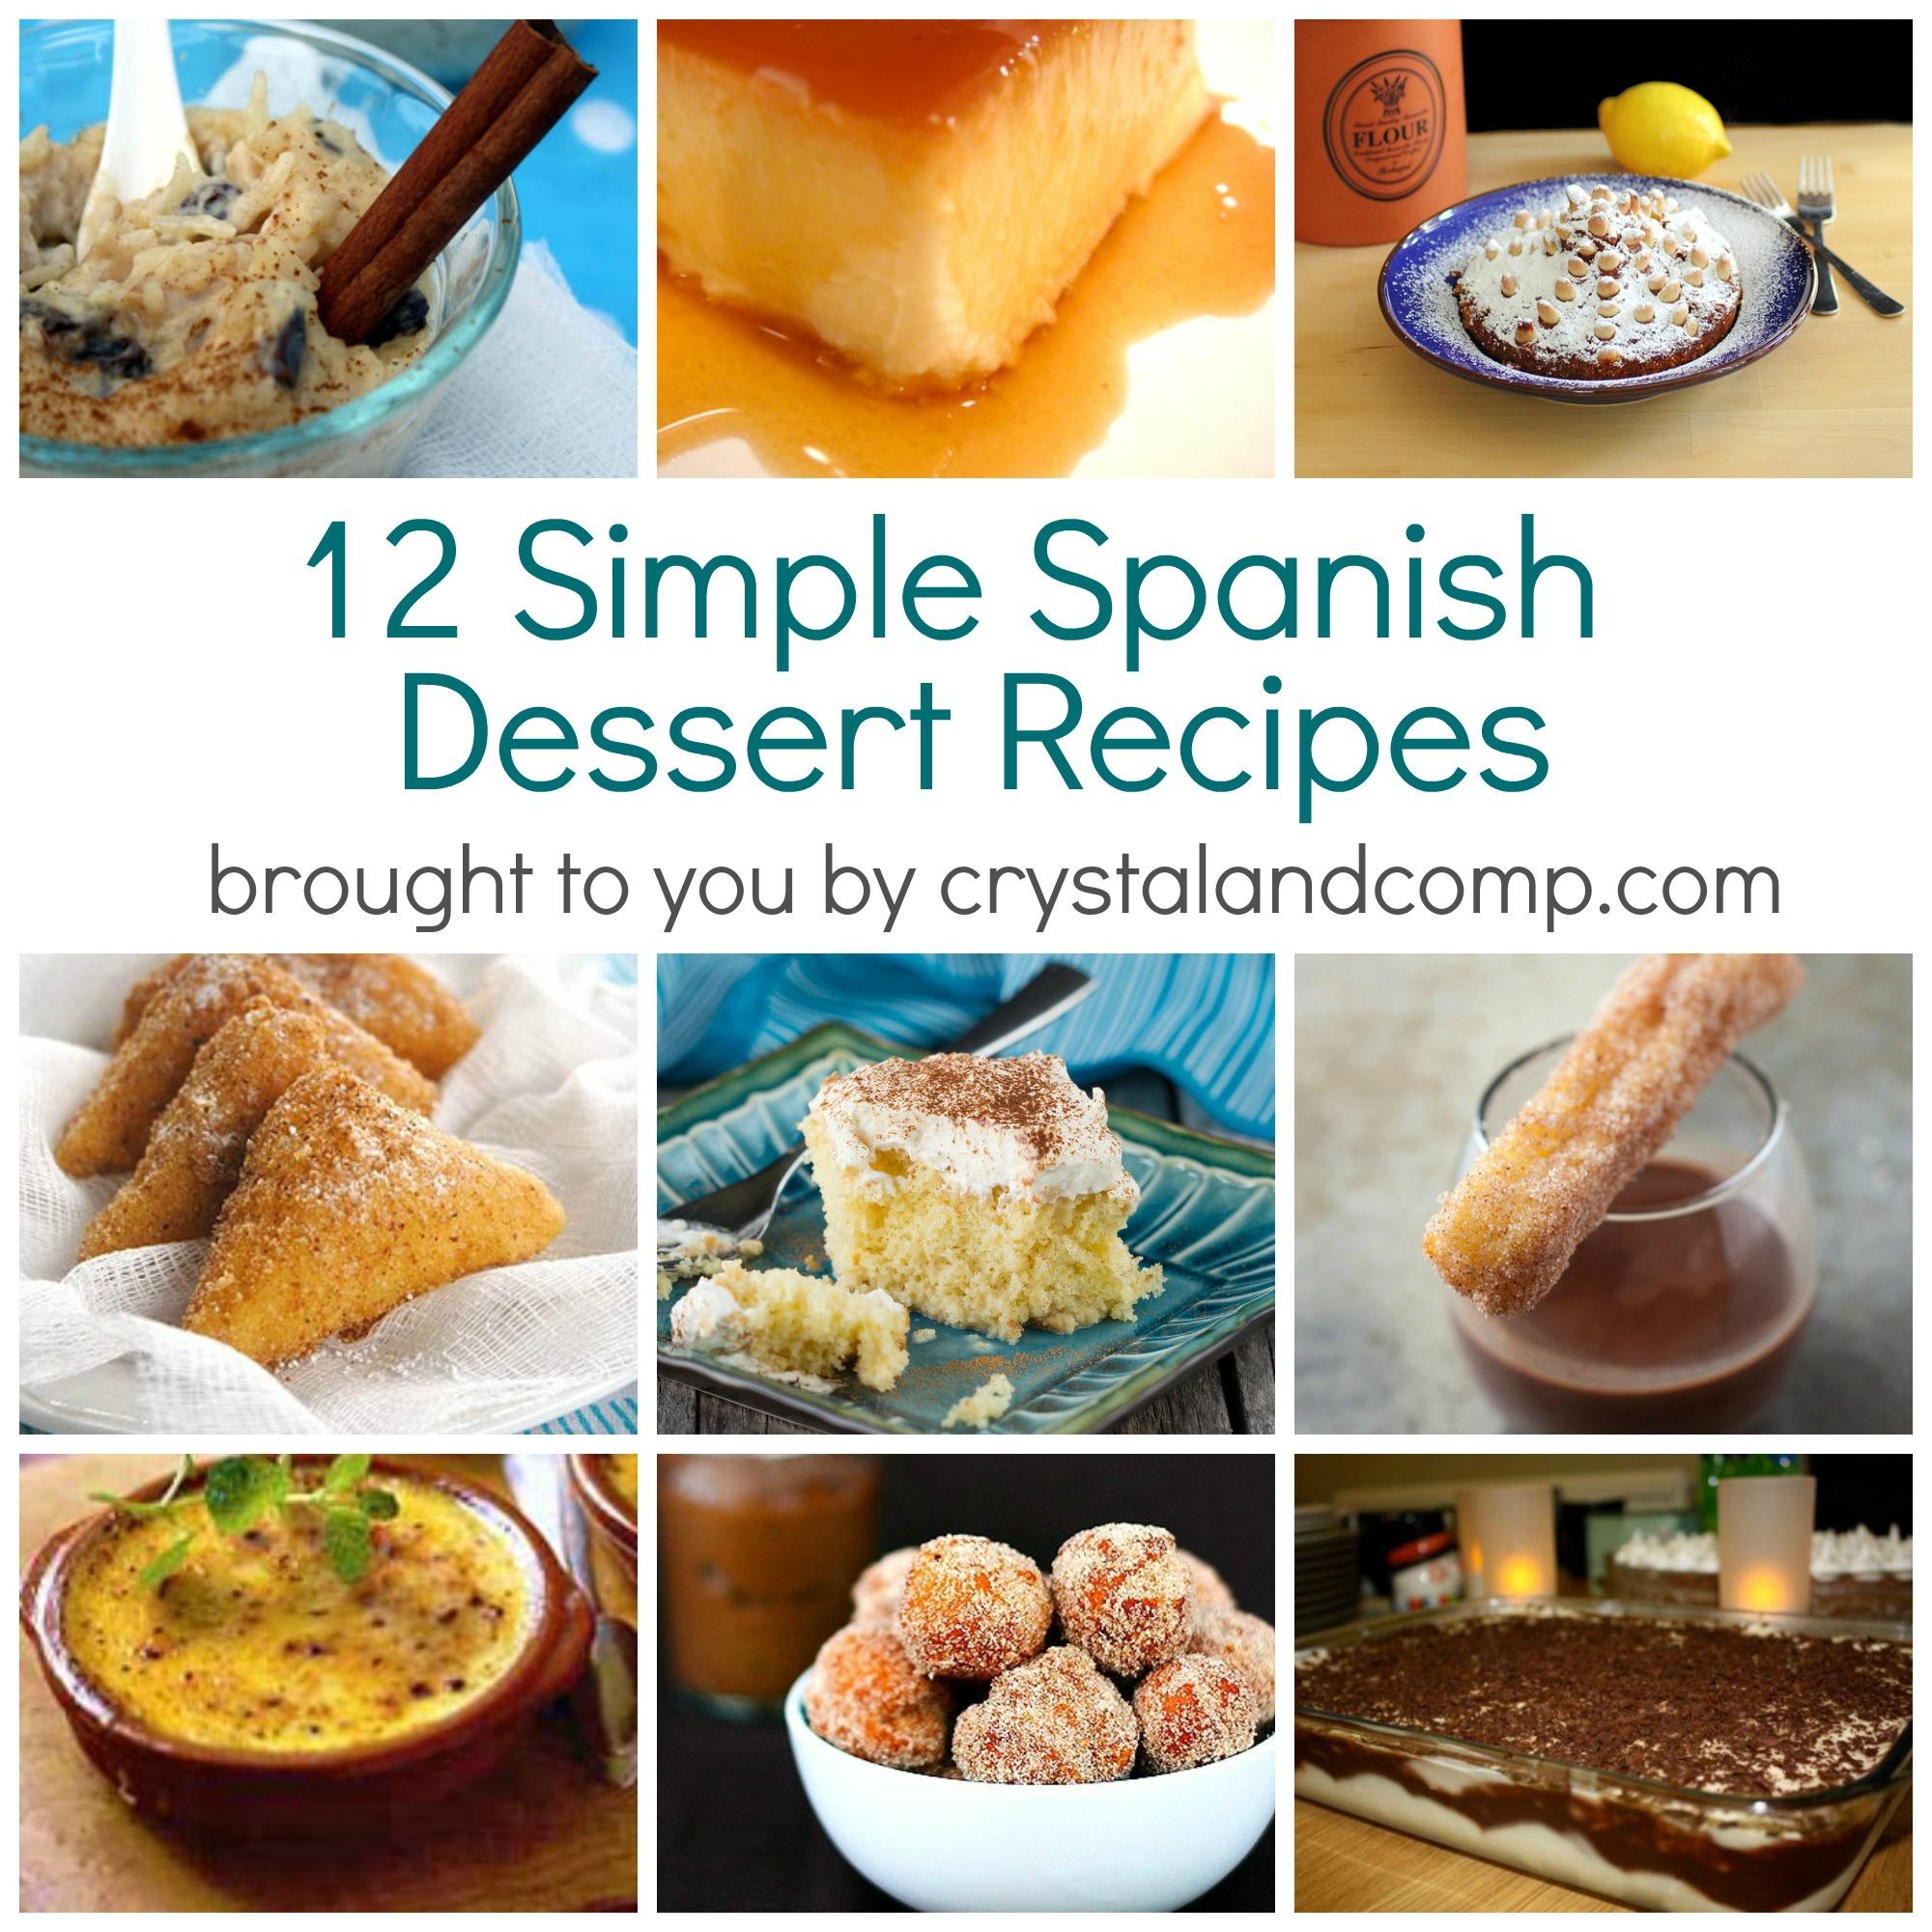 Simple Spanish Dessert Recipes